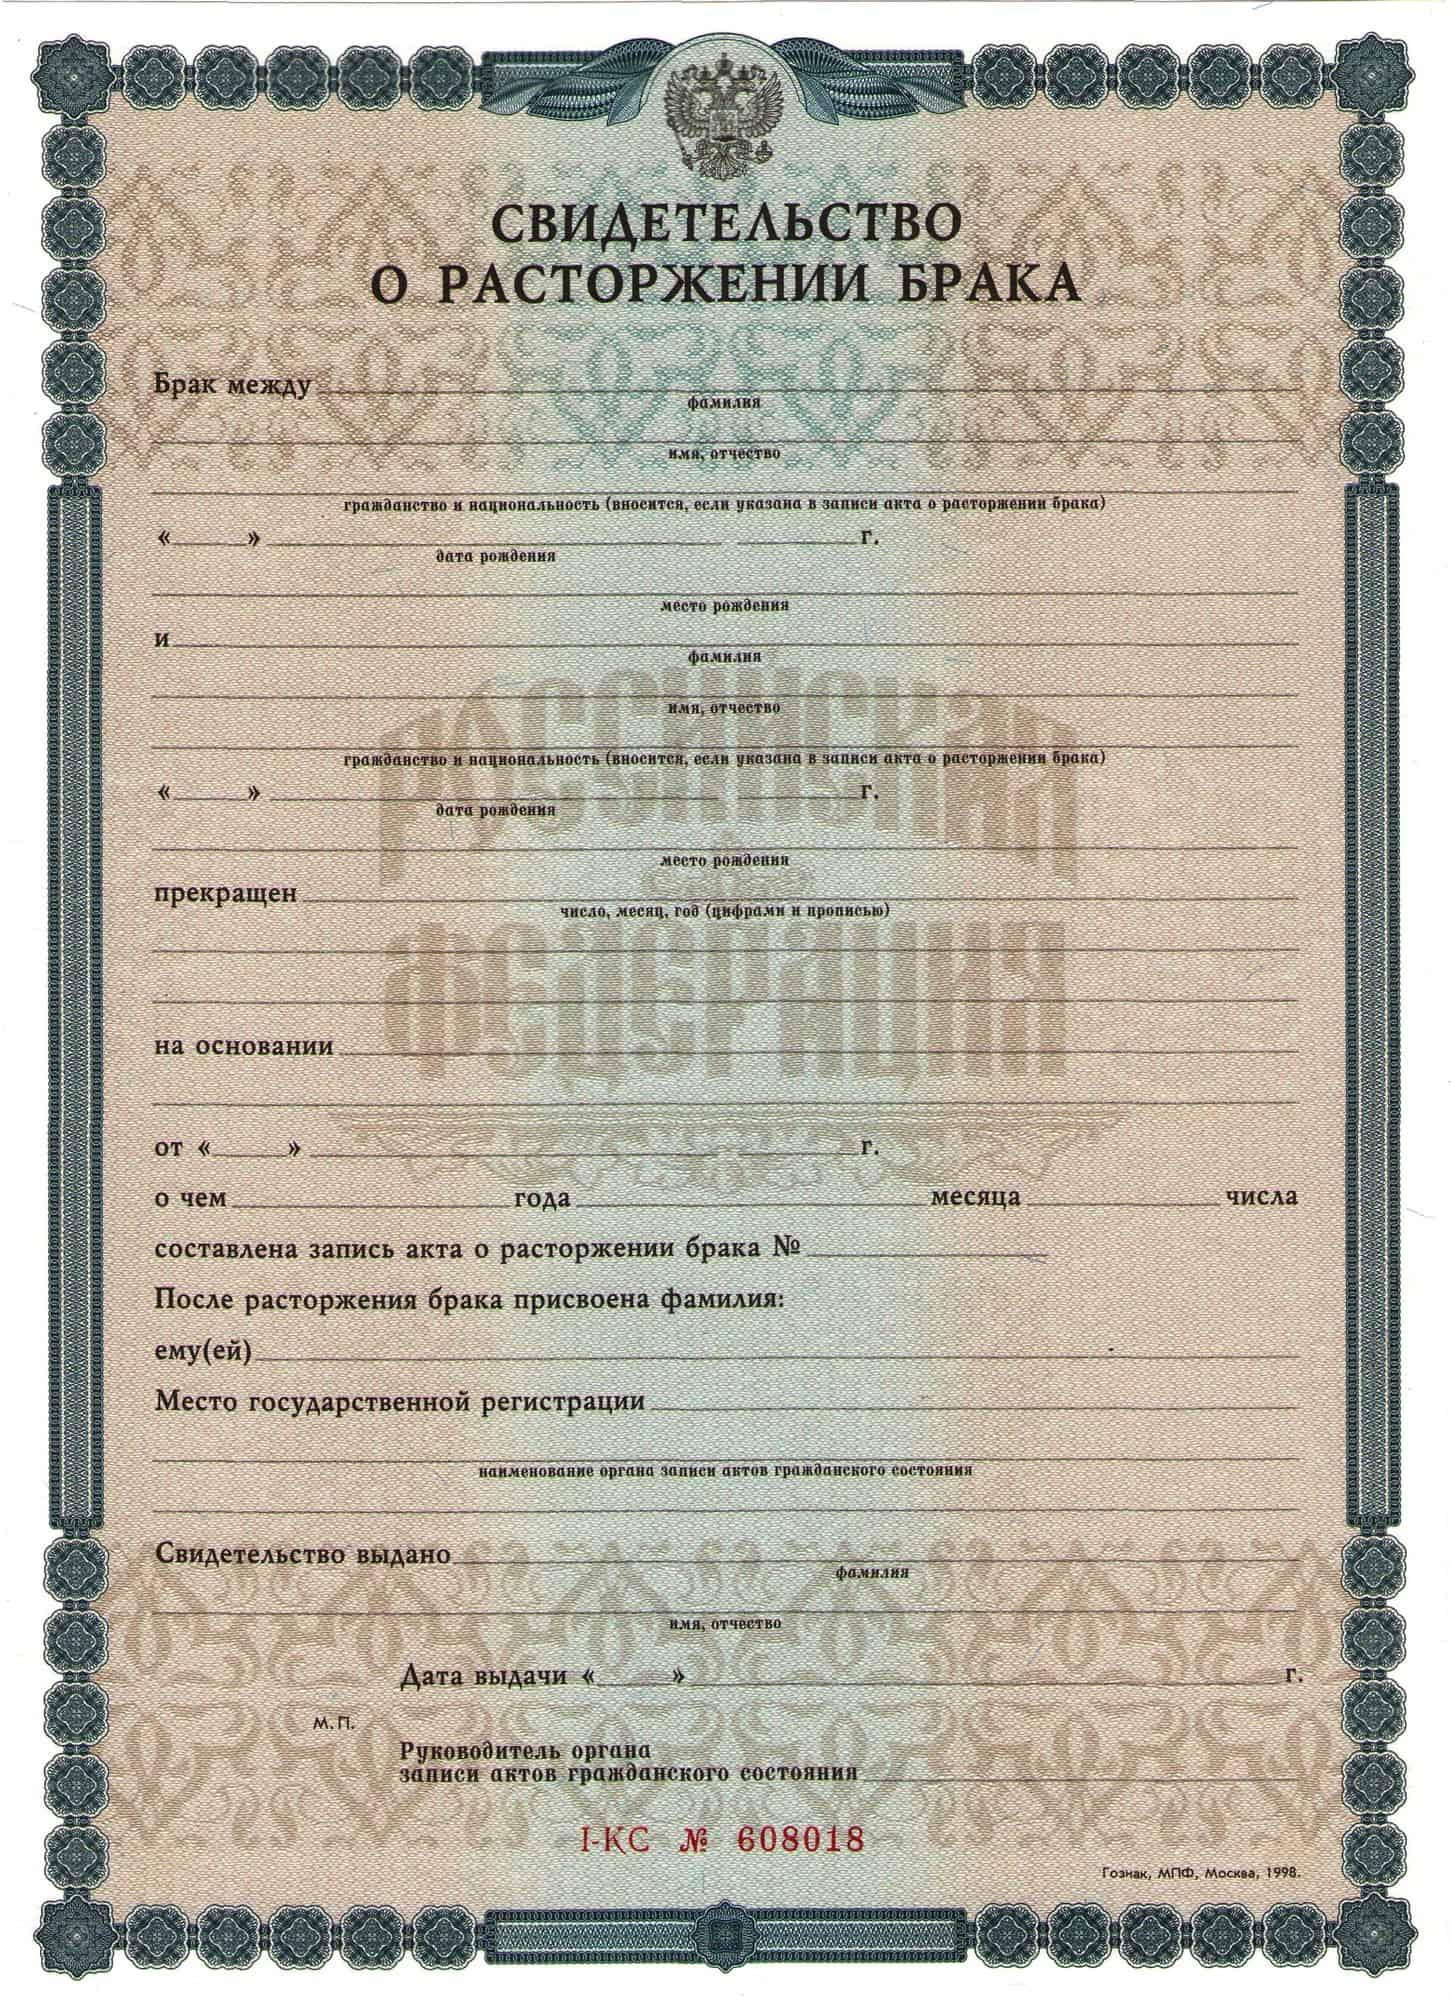 Можно ли получить загс если у жены другое гражданство